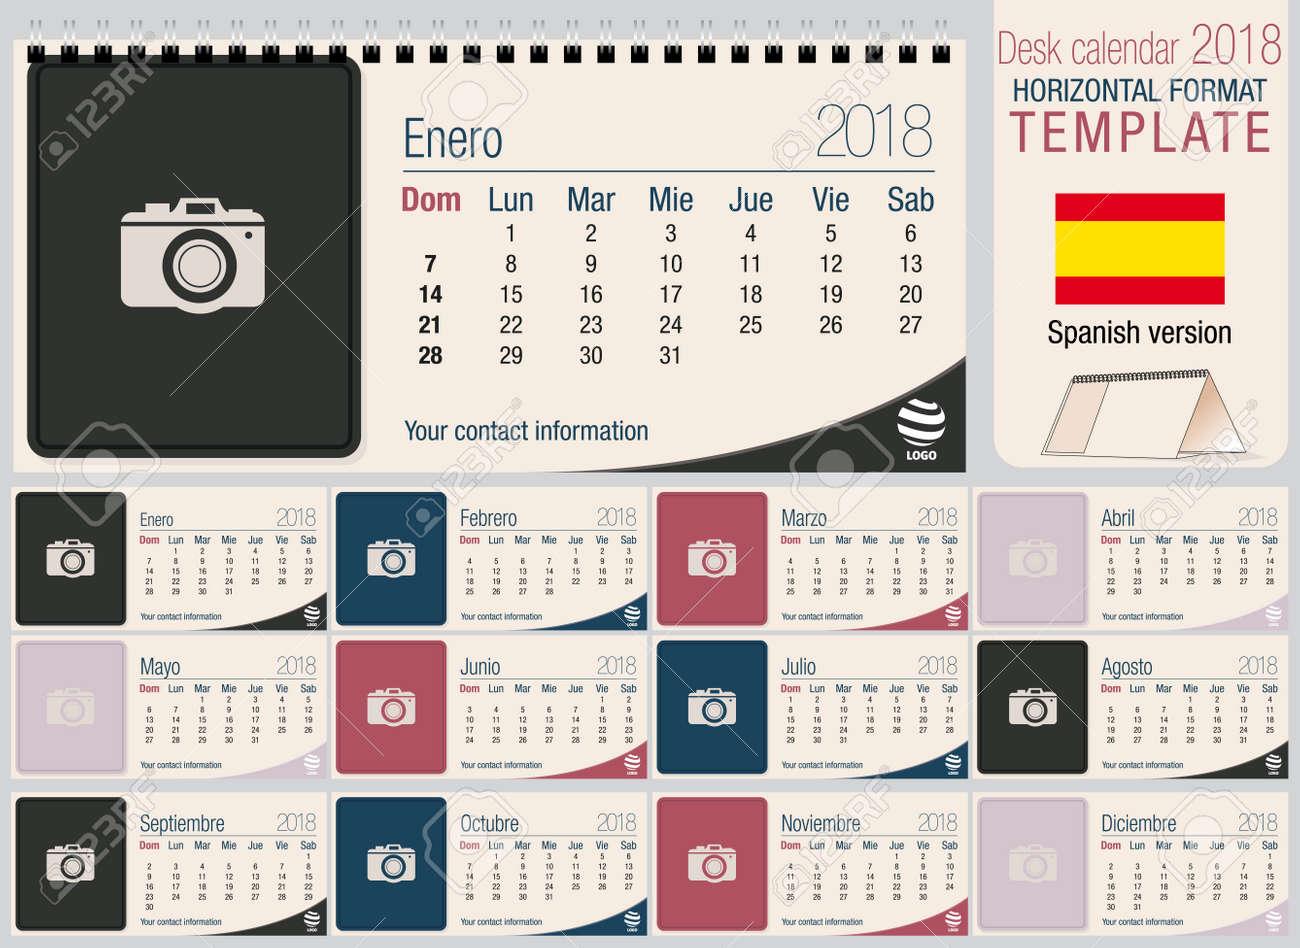 280260a35 Calendario de escritorio útil 2018 - Planificador. Formato horizontal -  Imagen vectorial - Versión en